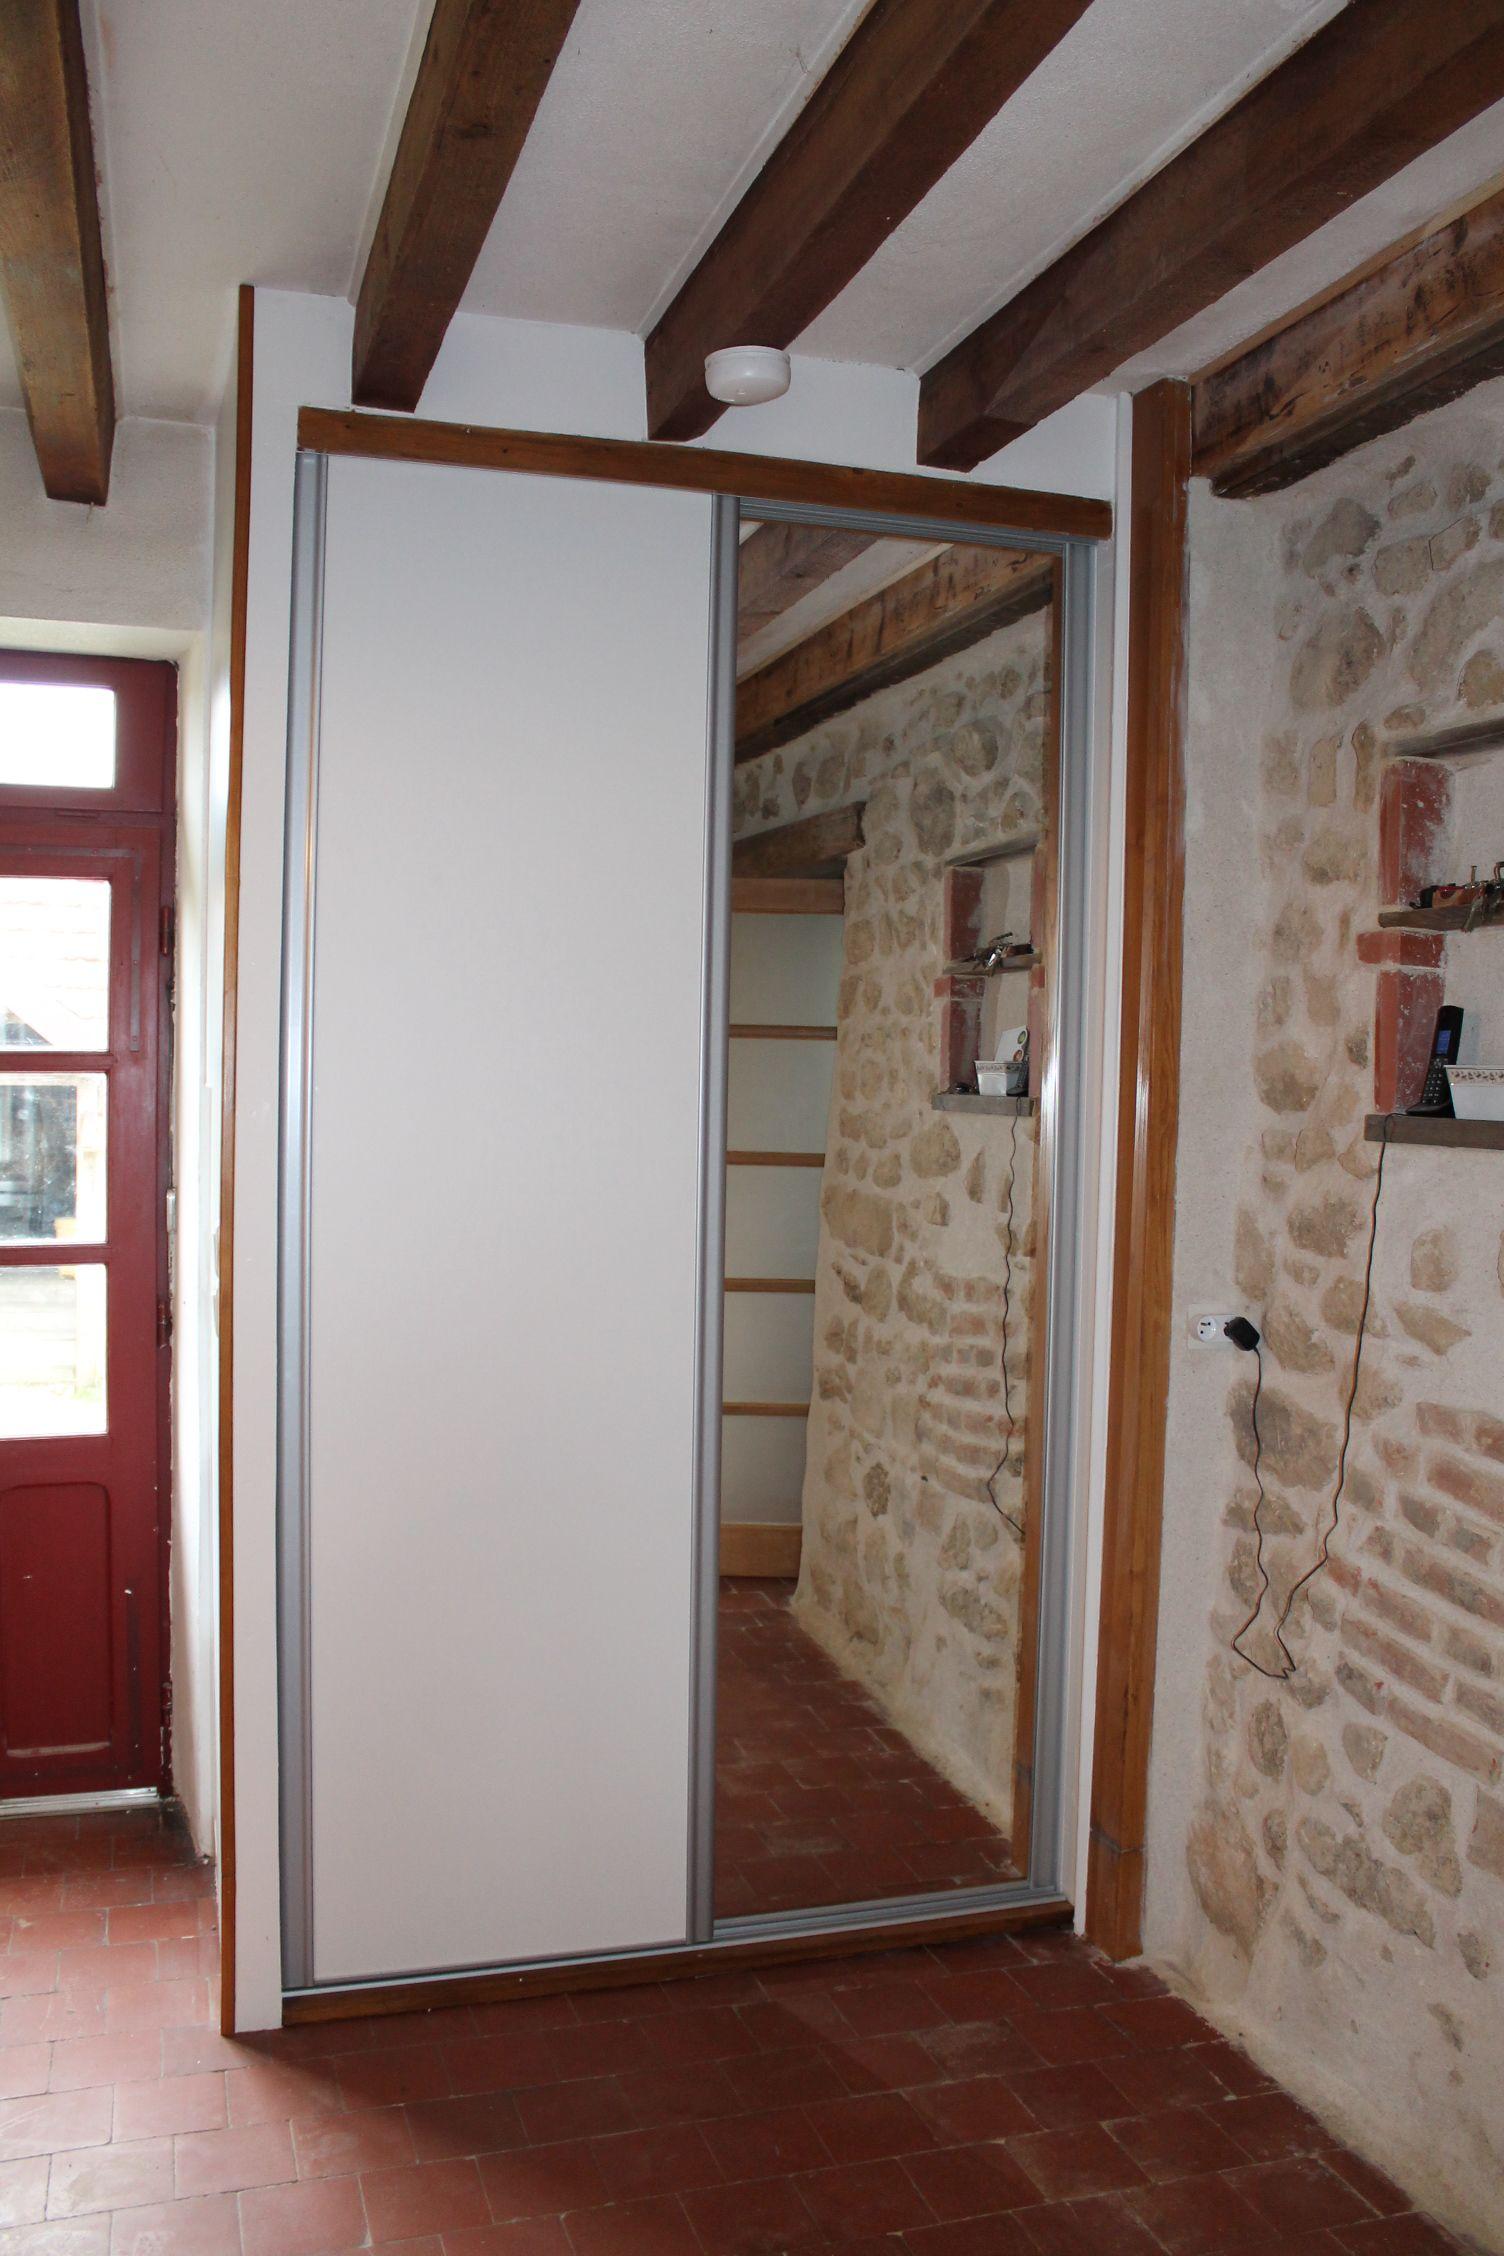 Porte De Placard Coulissante Httpwwworiondressingscomportes - Porte placard coulissante et menuiserie porte coulissante